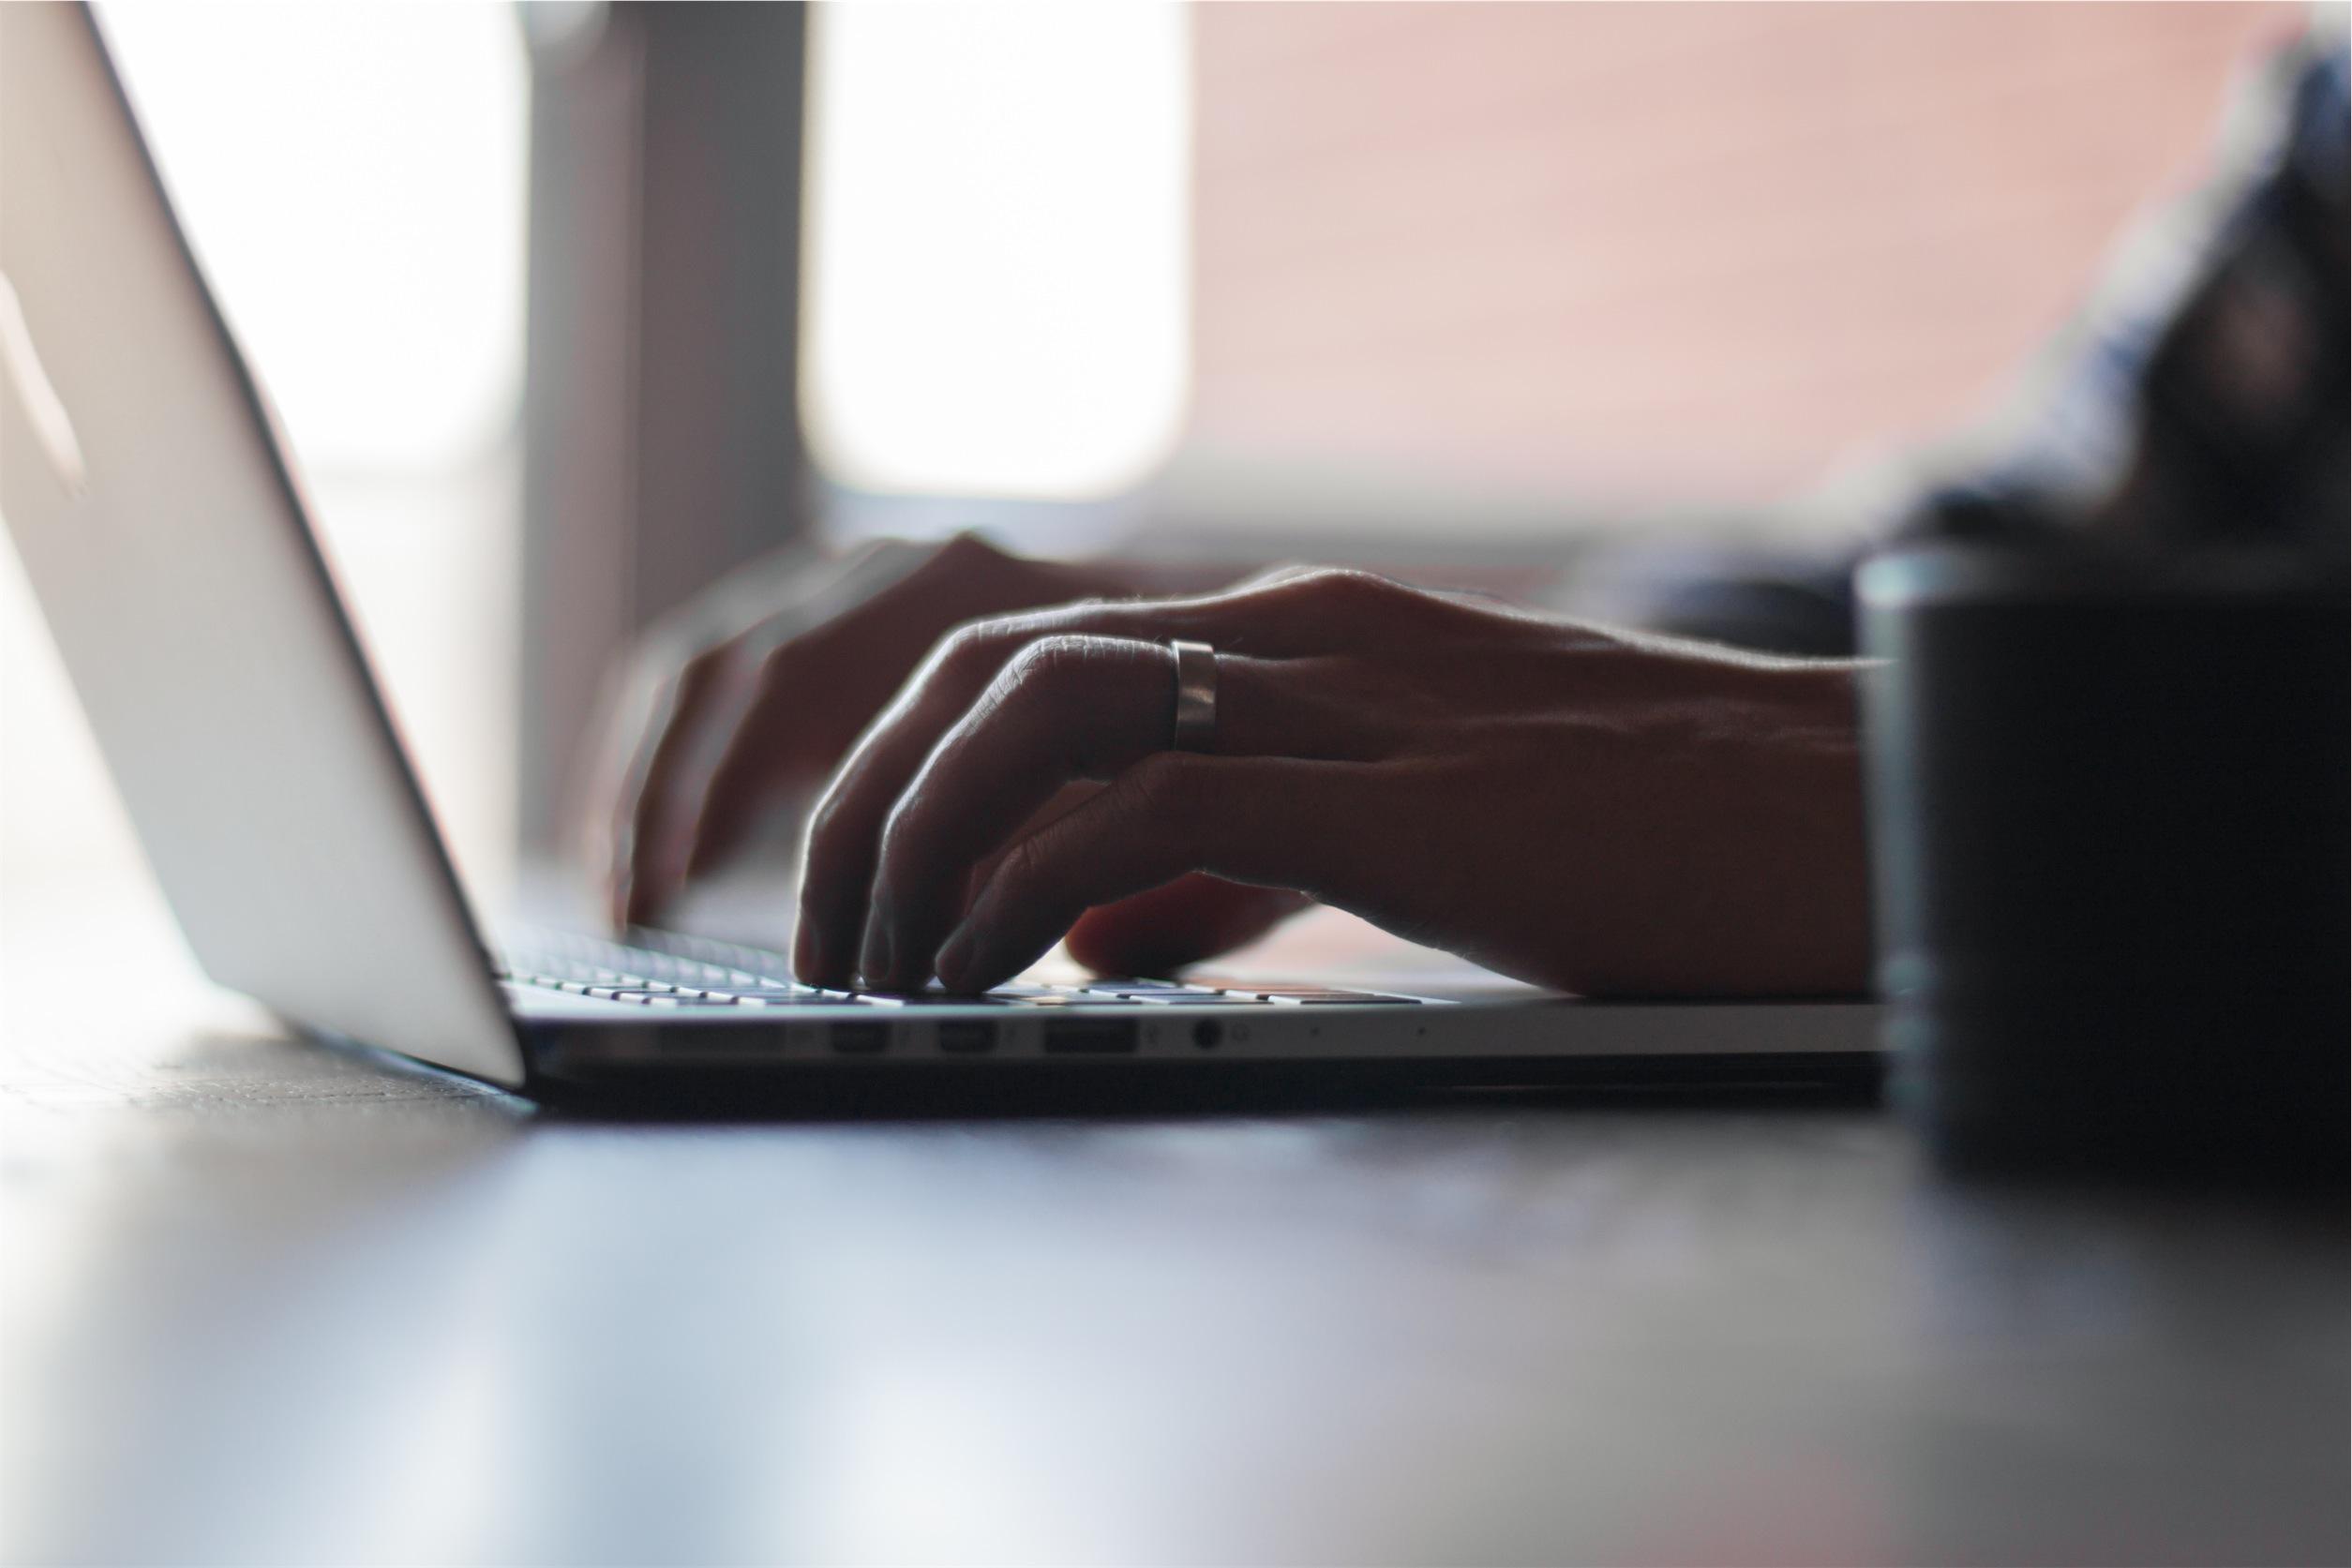 Typing-laptop-writing